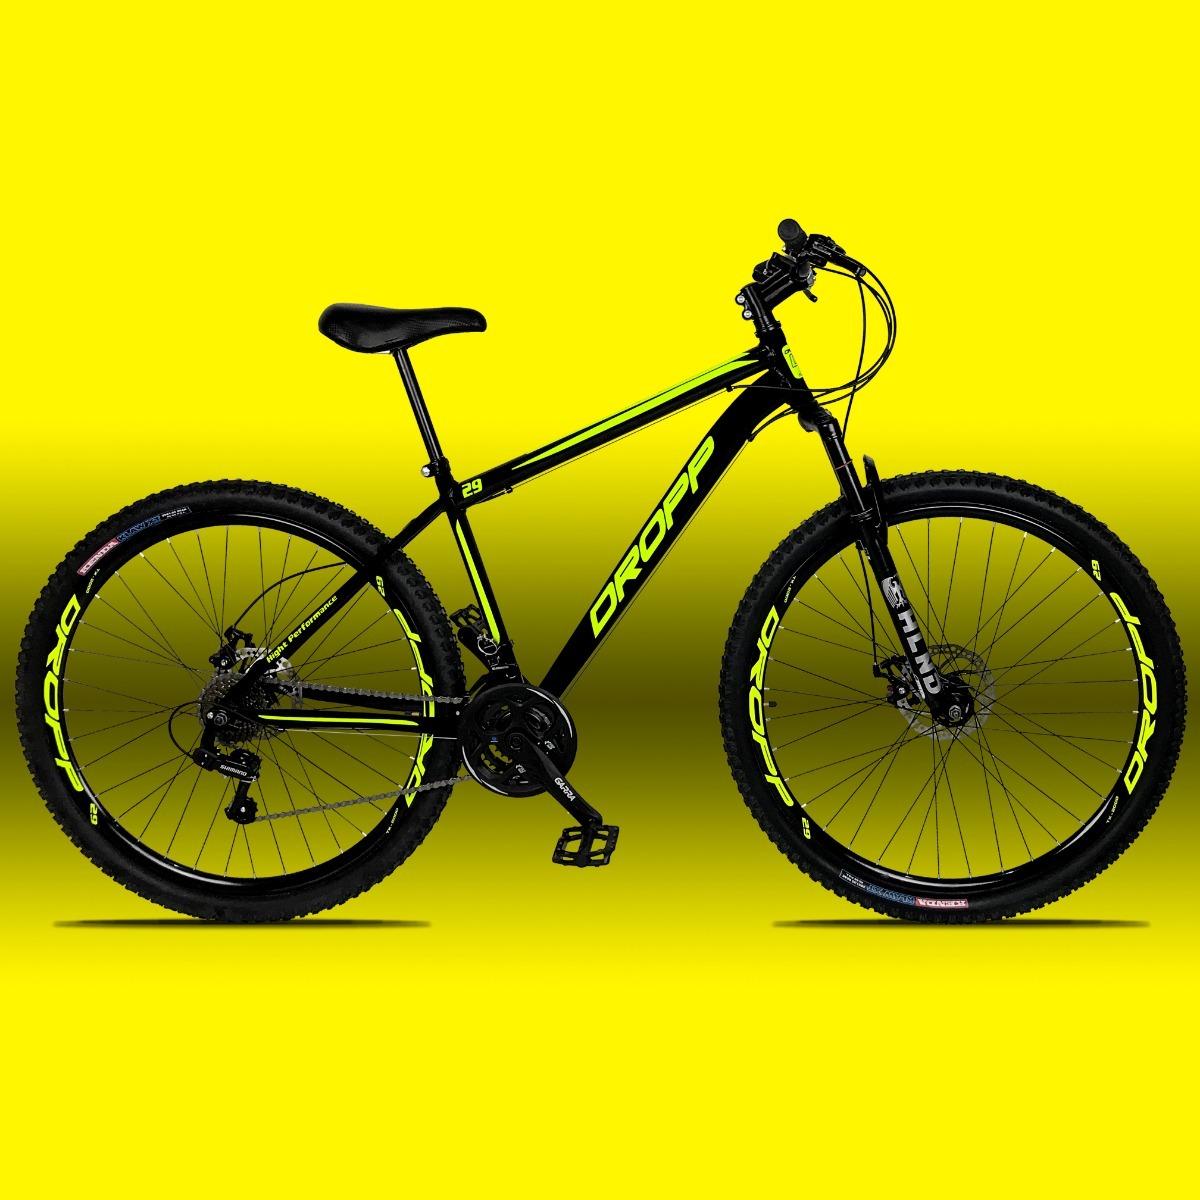 bc957f940 Bicicleta Aro 29 Dropp Em Aco Câmbio Shimano 21v Freio Disc - R  849 ...